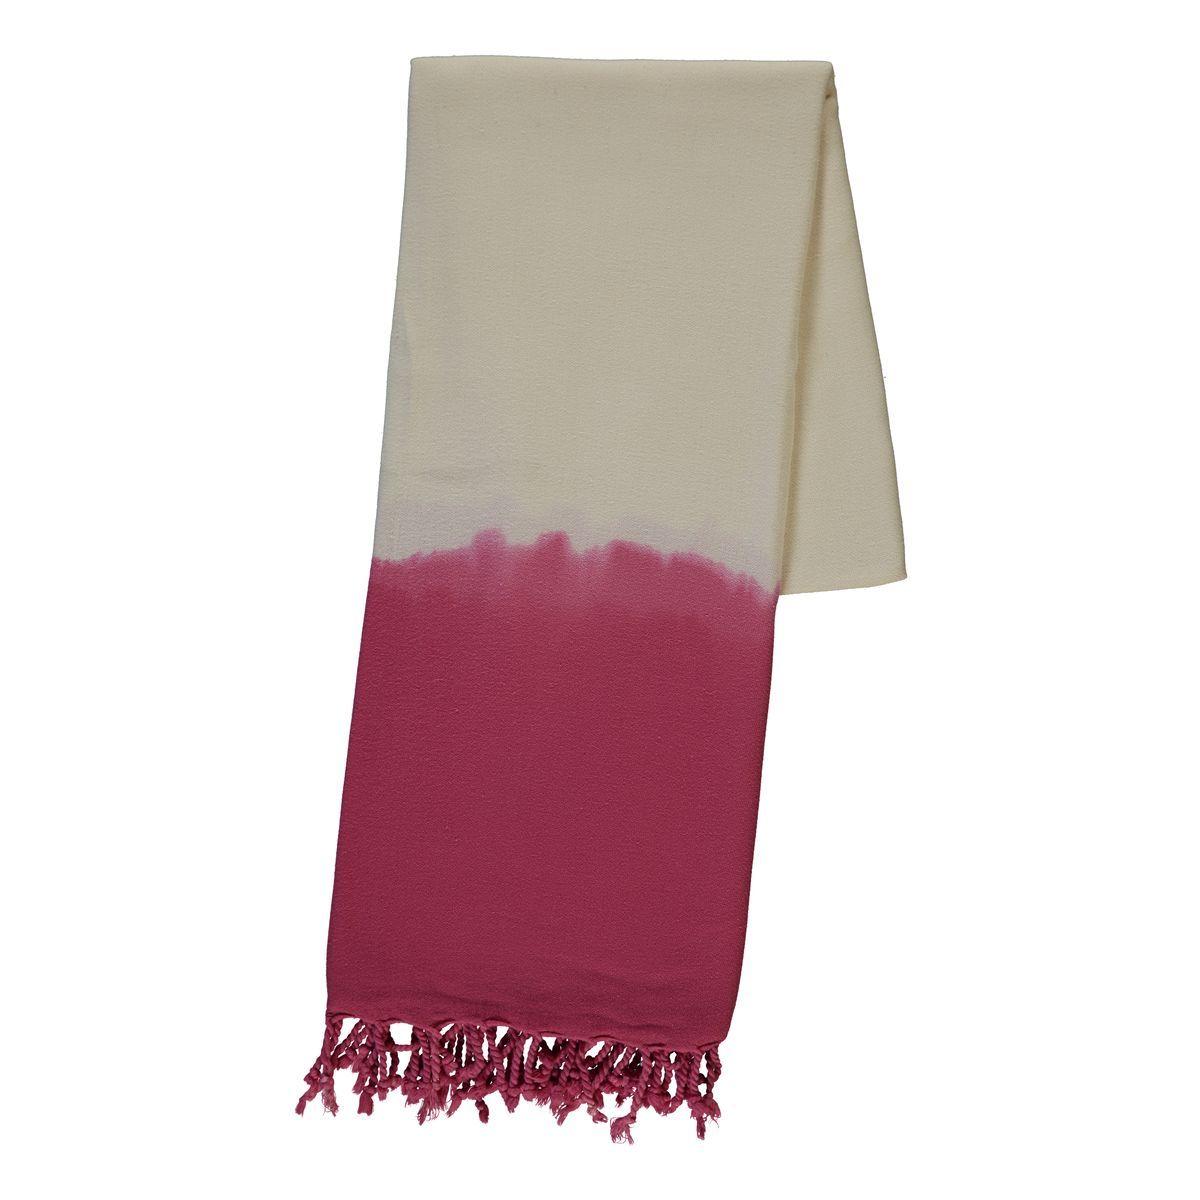 Peshtemal - Tie-Dye / Fuchsia